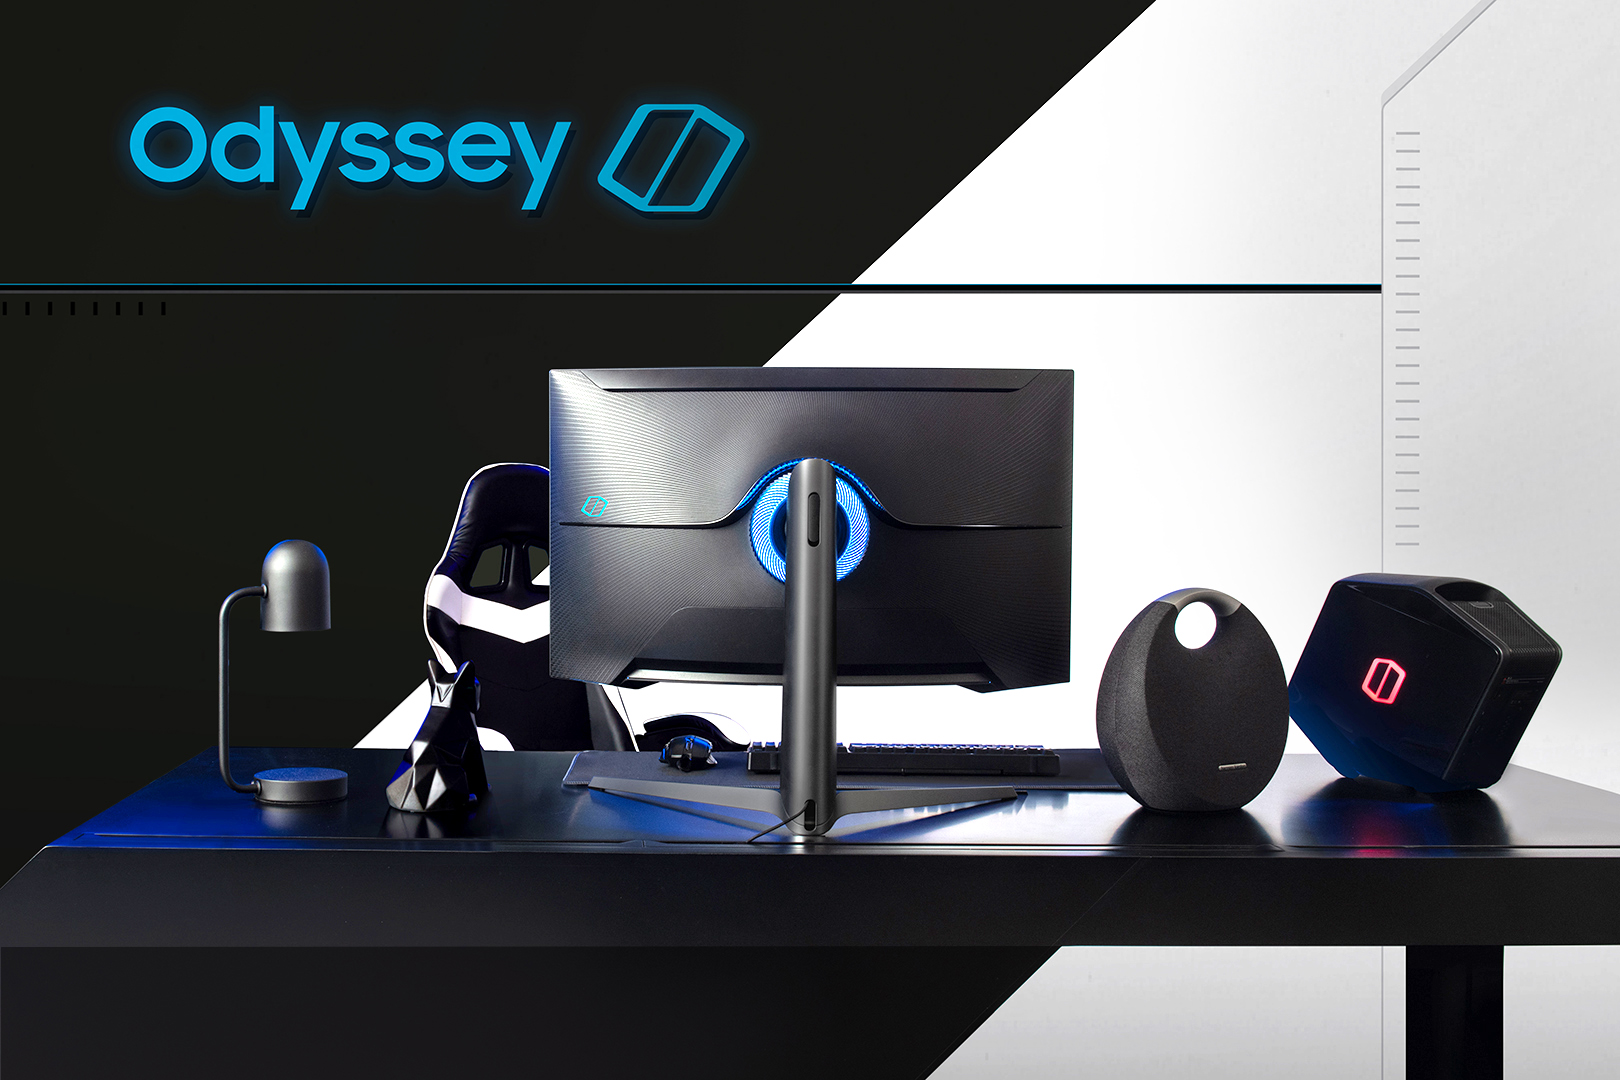 【新聞照片10】玩家首選Odyssey G7  32吋及27吋暢遊電競世界 高速掌控遊戲快感.jpg